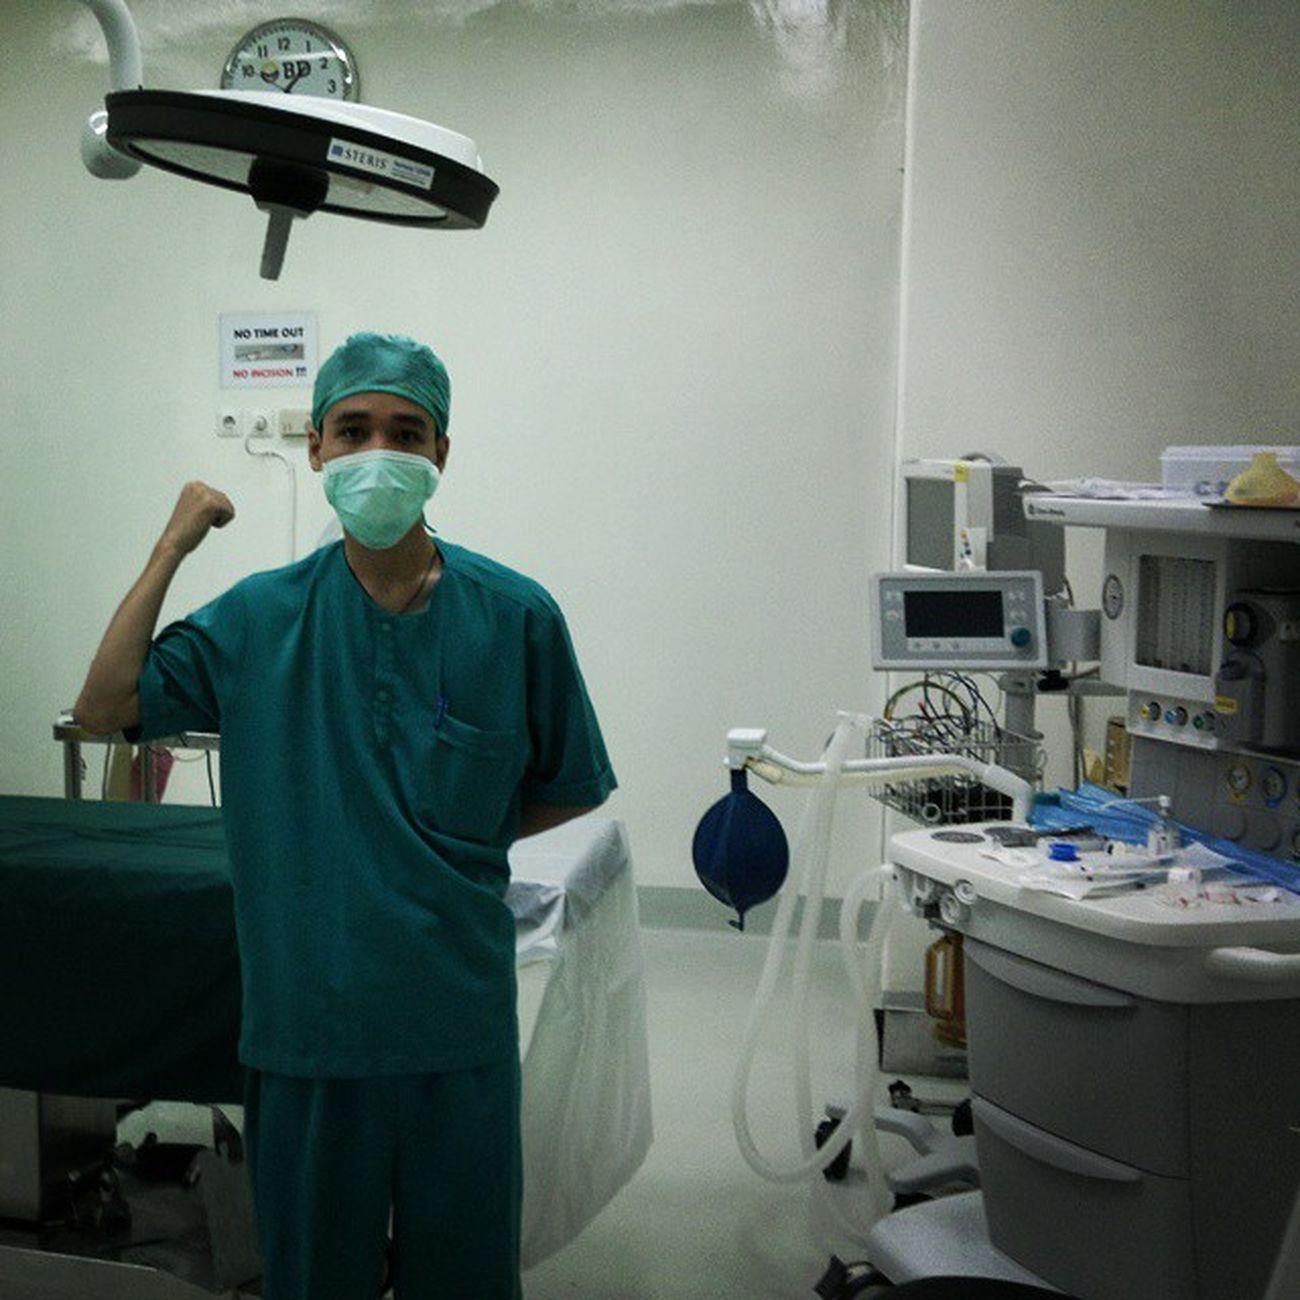 Dinas IBS hari 1 Seru Liad Operasi Rencana jadi perawat IBS